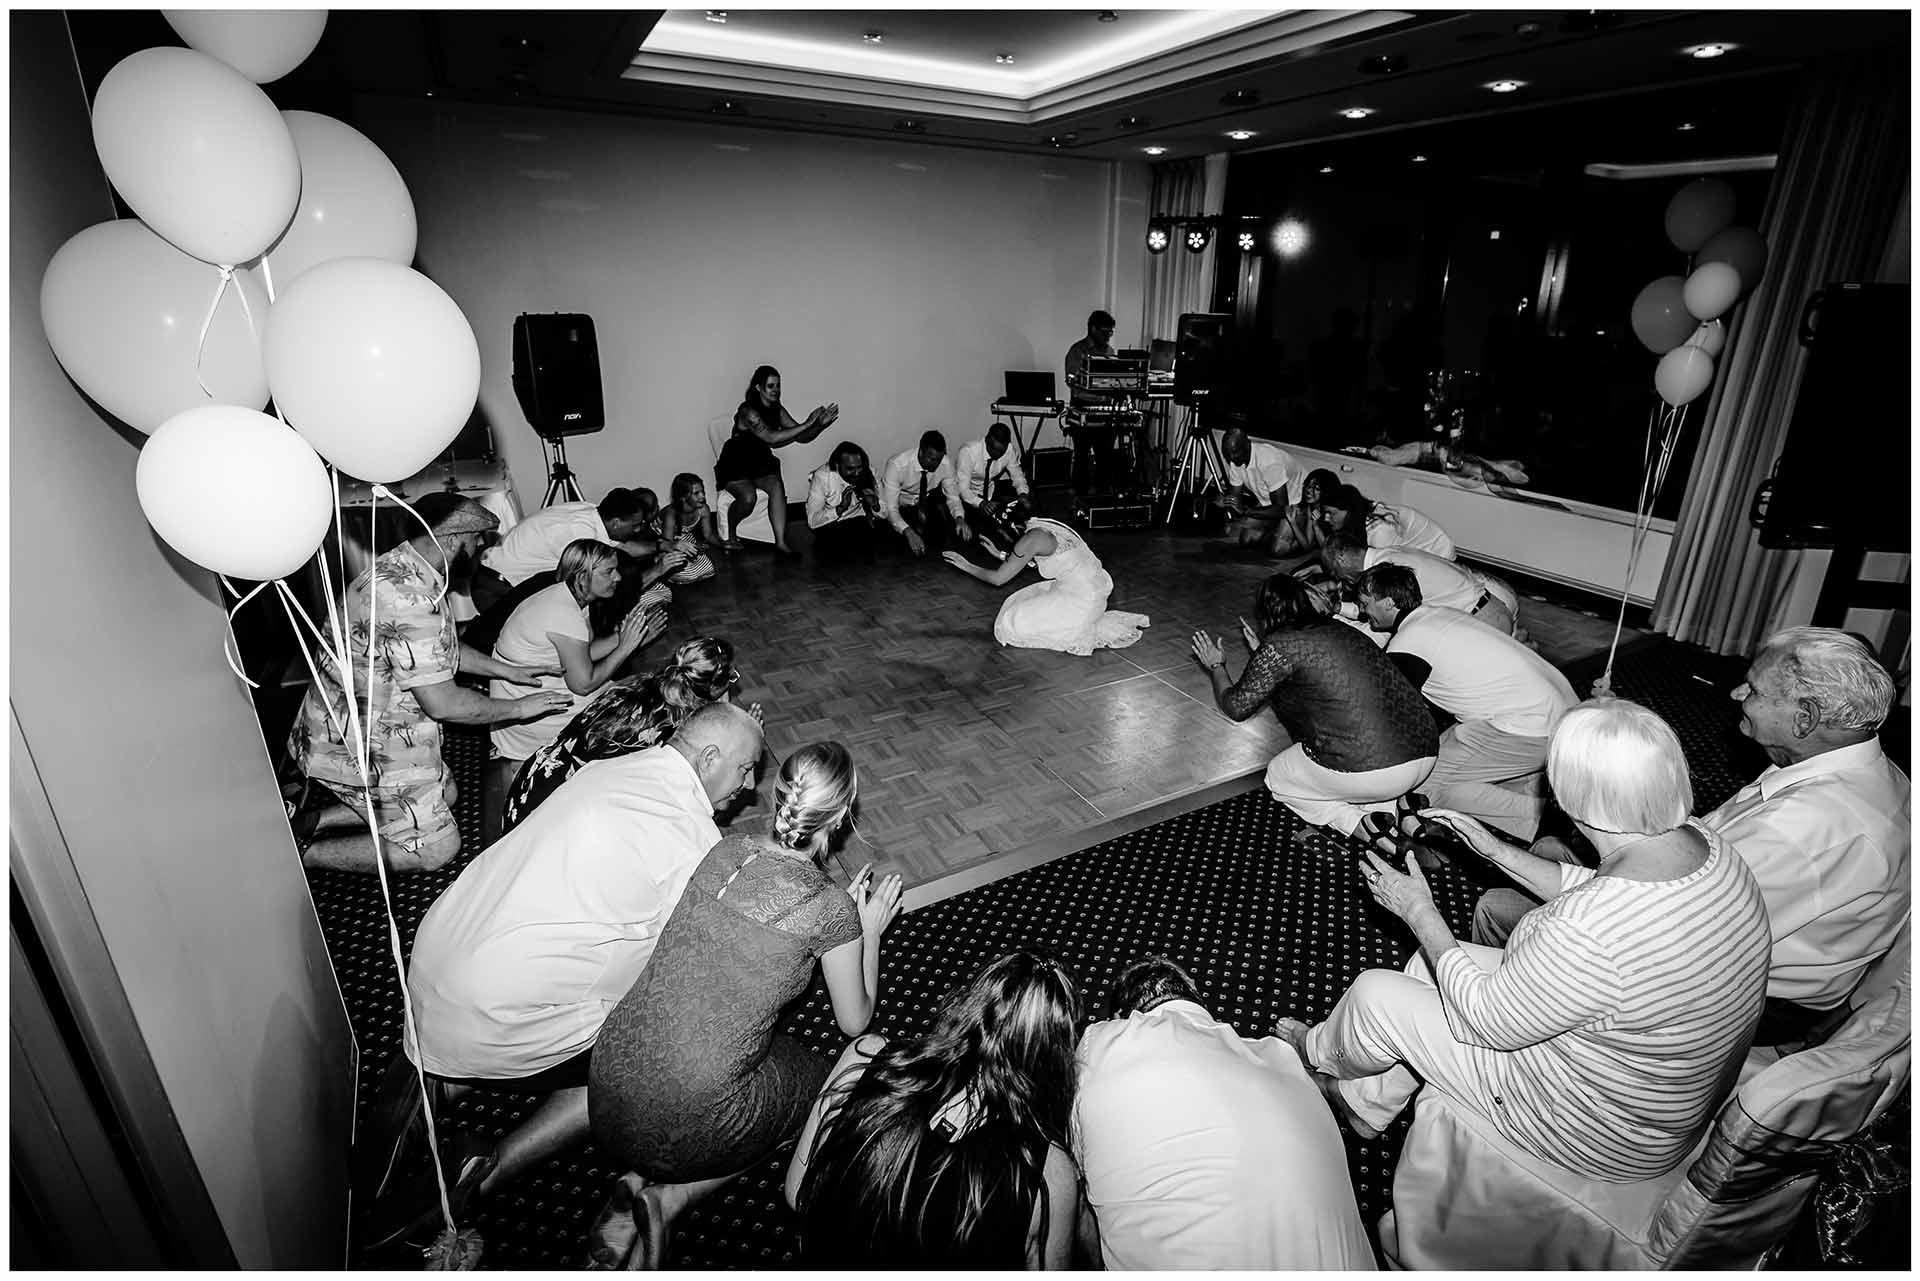 Brautpaar-und-Gaeste-knieen-auf-dem-Boden-We-will-rock-you-Queen-Hochzeit-im-Hotel-Neptun-Hochzeitsfotograf-Warnemuende-Hochzeitsfotograf-Rostock-Hochzeitsfotograf-Ostseebad-Warnemuende